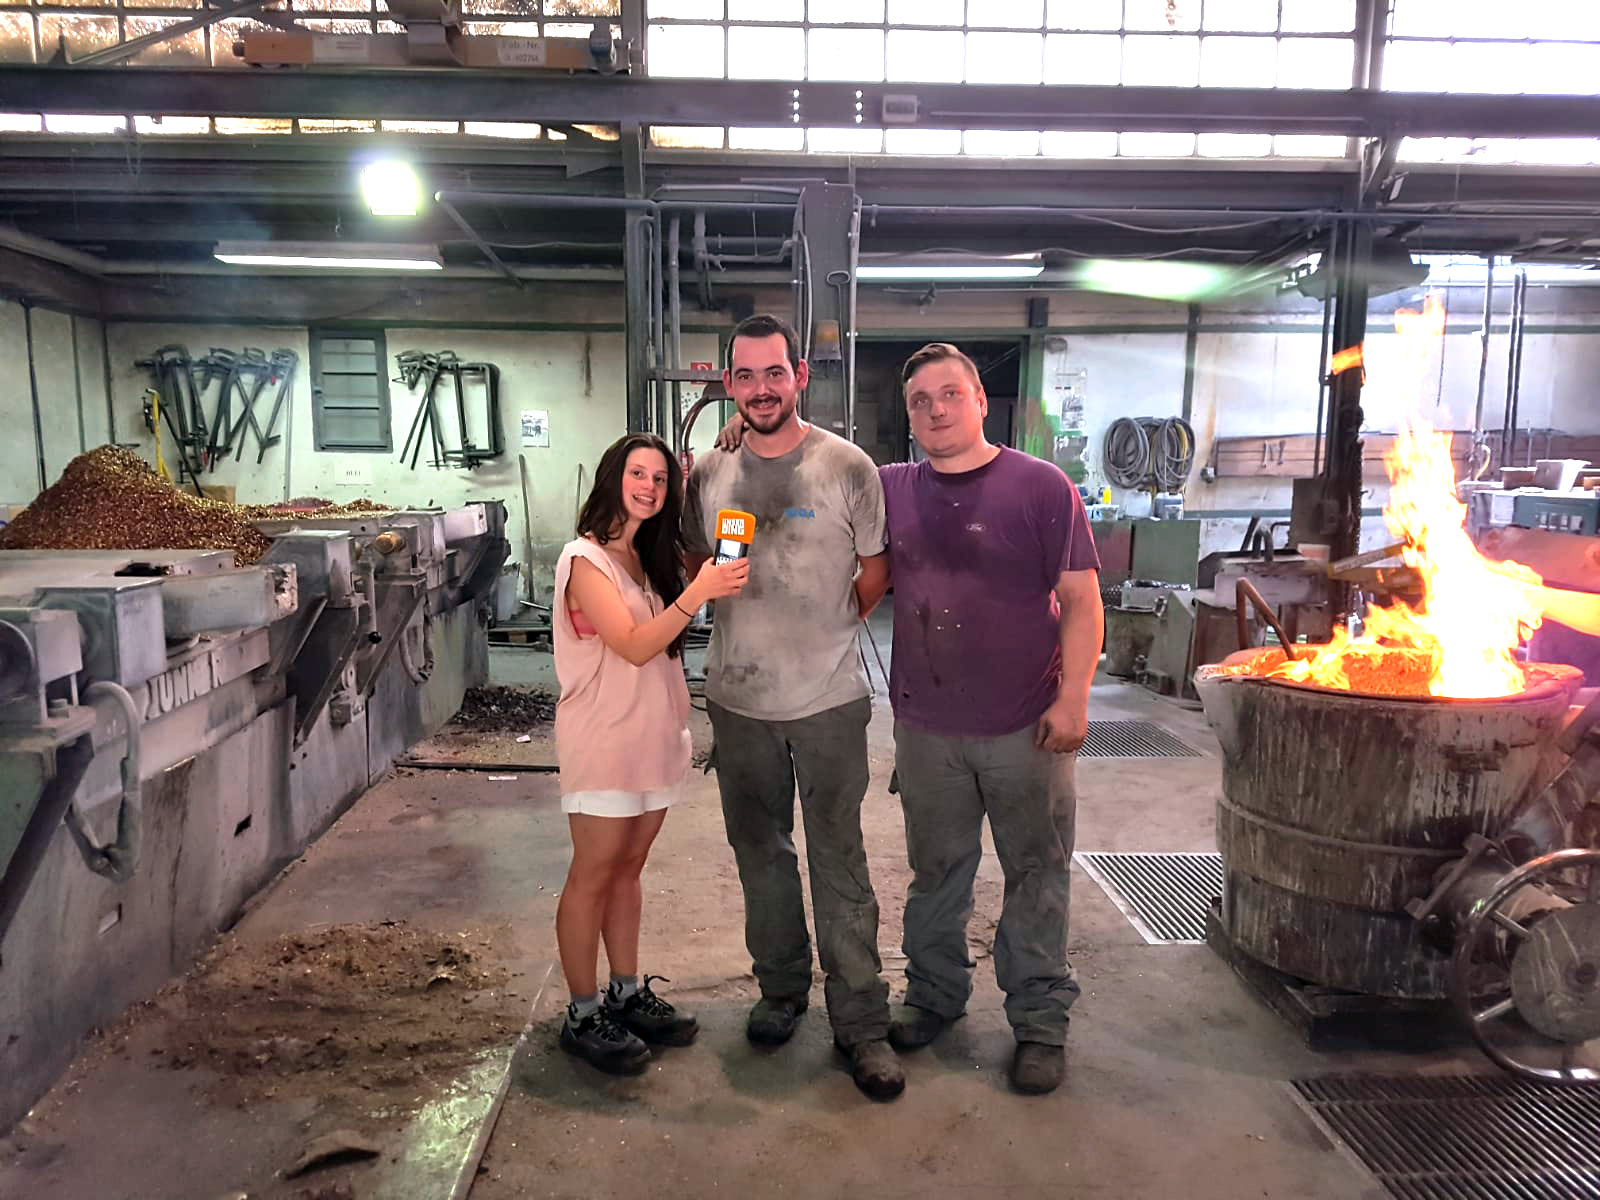 """Reporterin Jessi Ziegler vom Radiosender """"Unser Ding"""" (SR1) mit unseren beiden Giessern Marco Heriat (links) und Alex Lang (rechts)"""